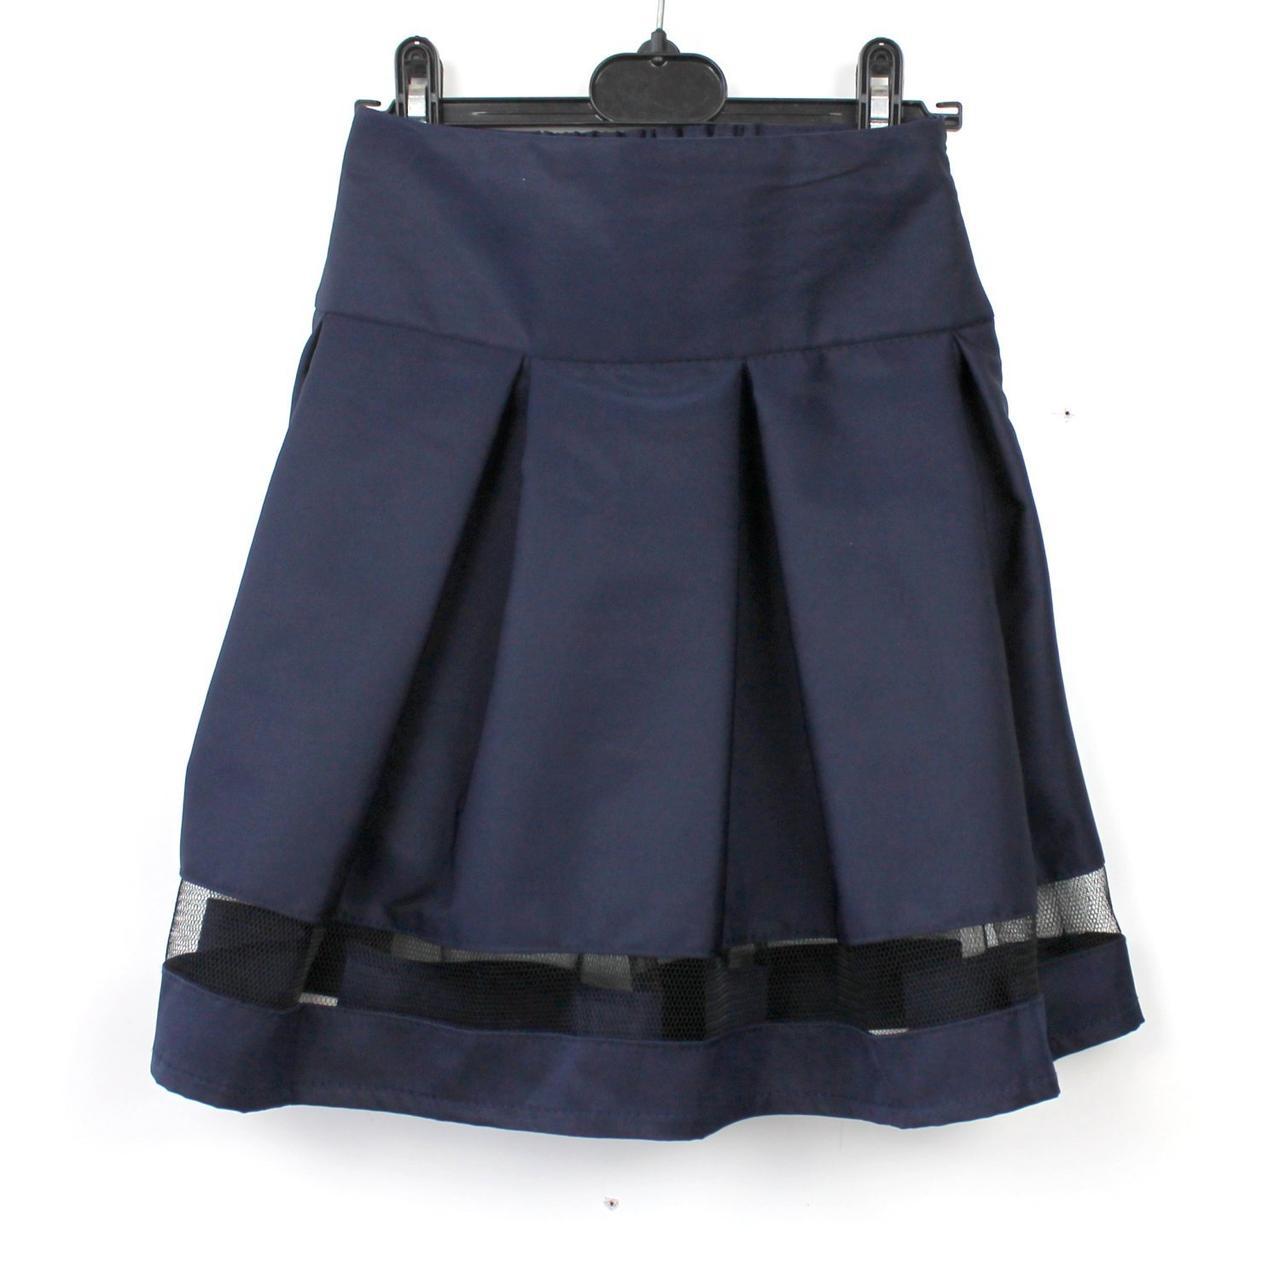 Юбка школьная синяя Шанель тм Vdags размер 128